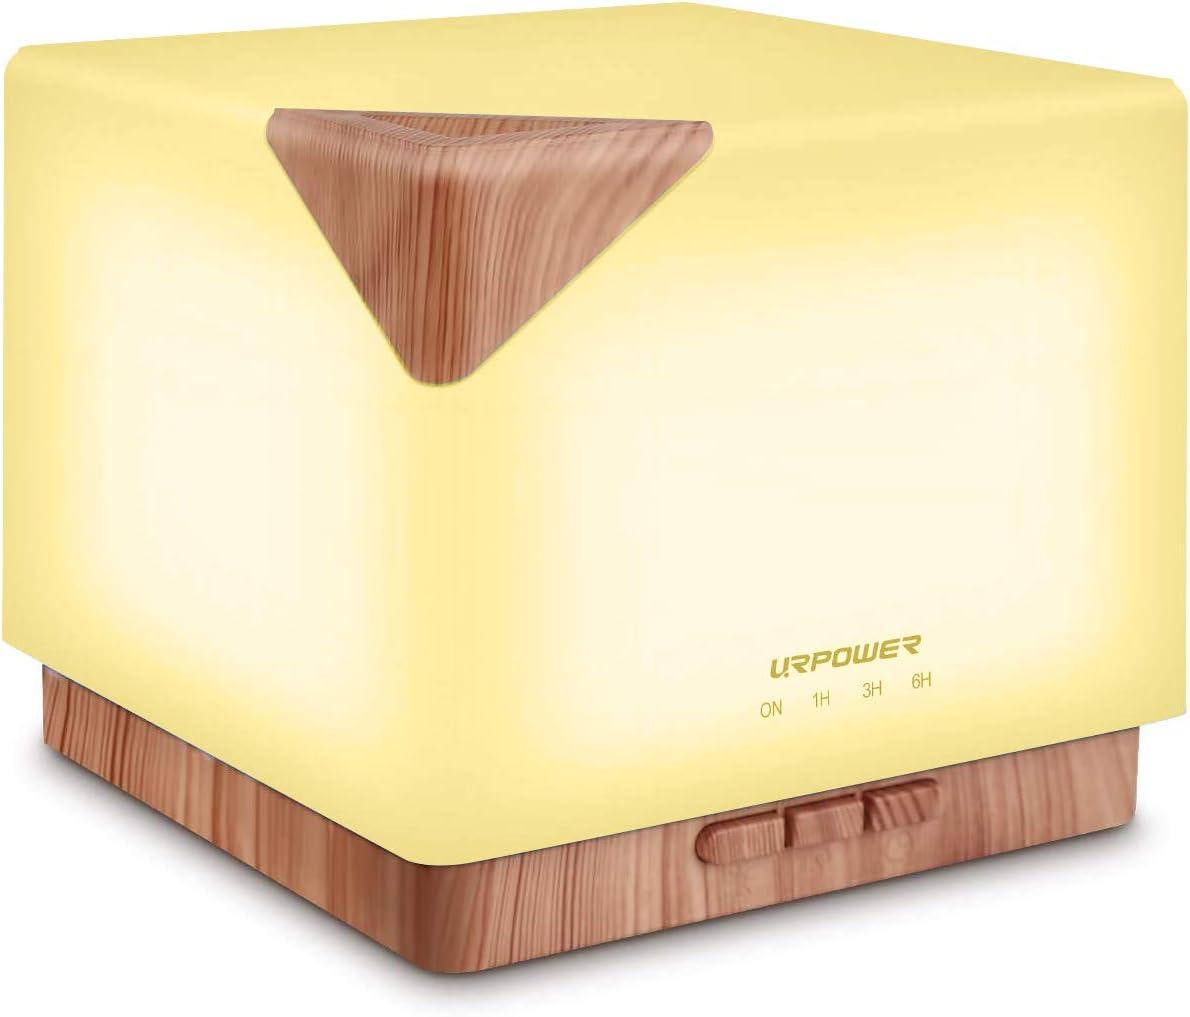 URPOWER Square Aromatherapy